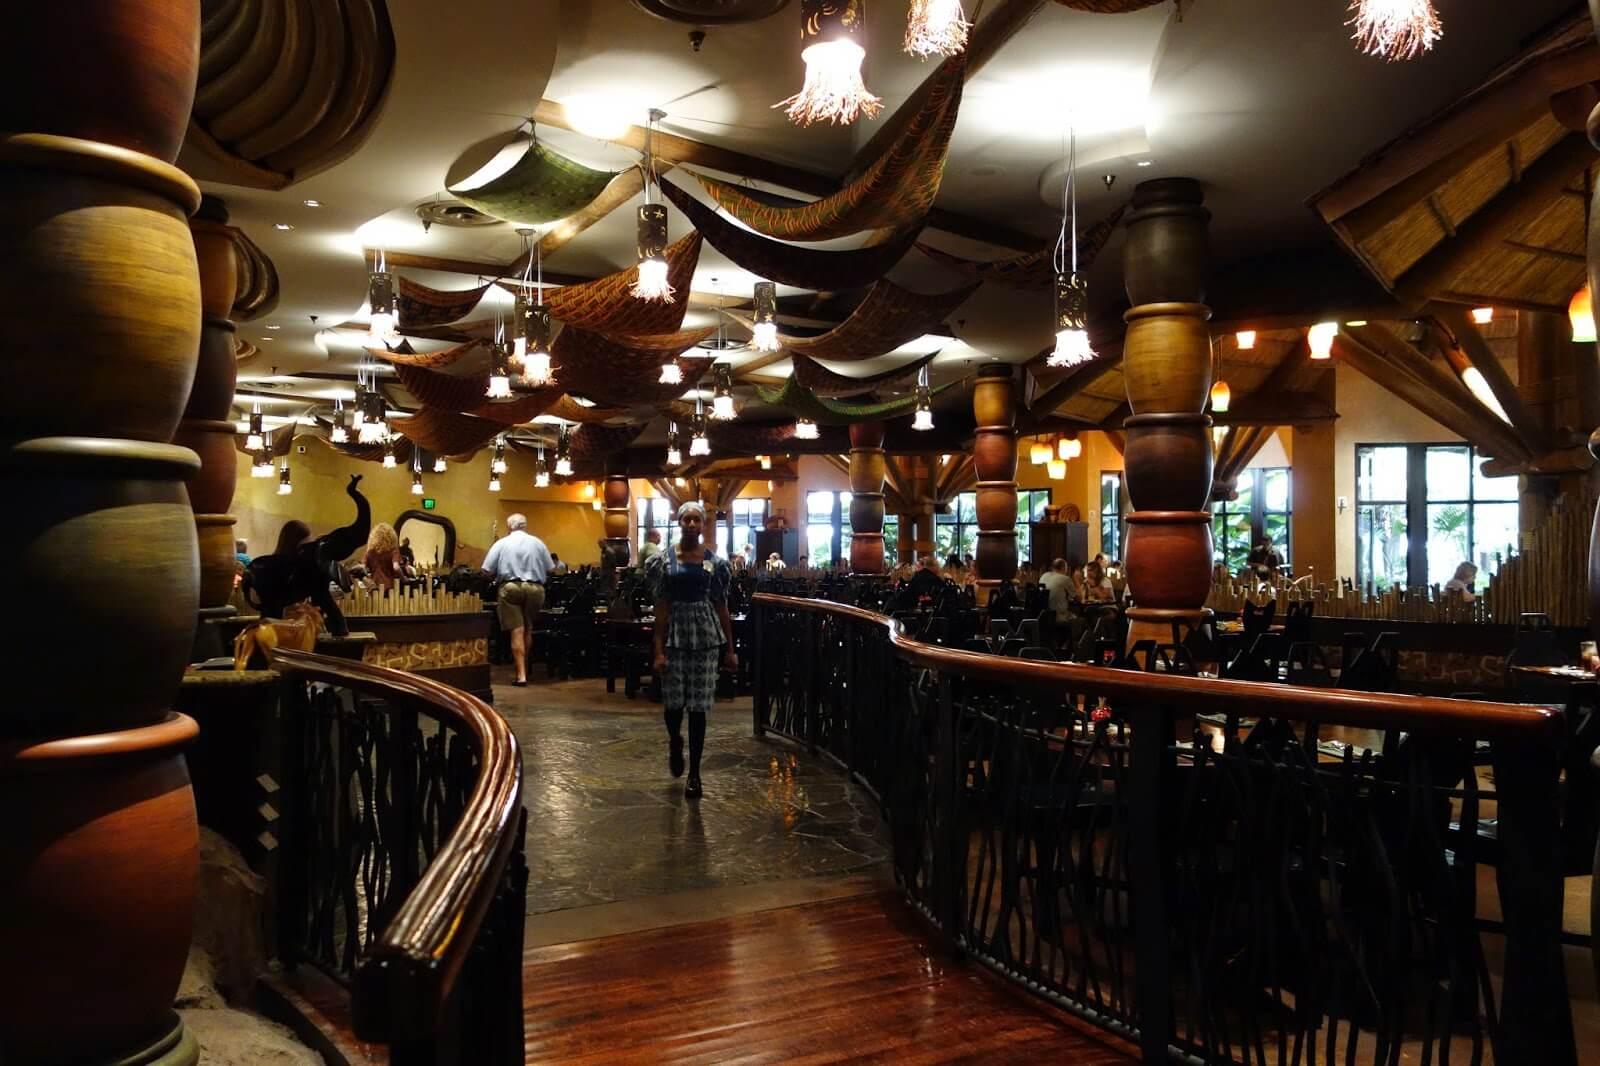 7 restaurantes para a família em Orlando: Boma - Flavors of Africa